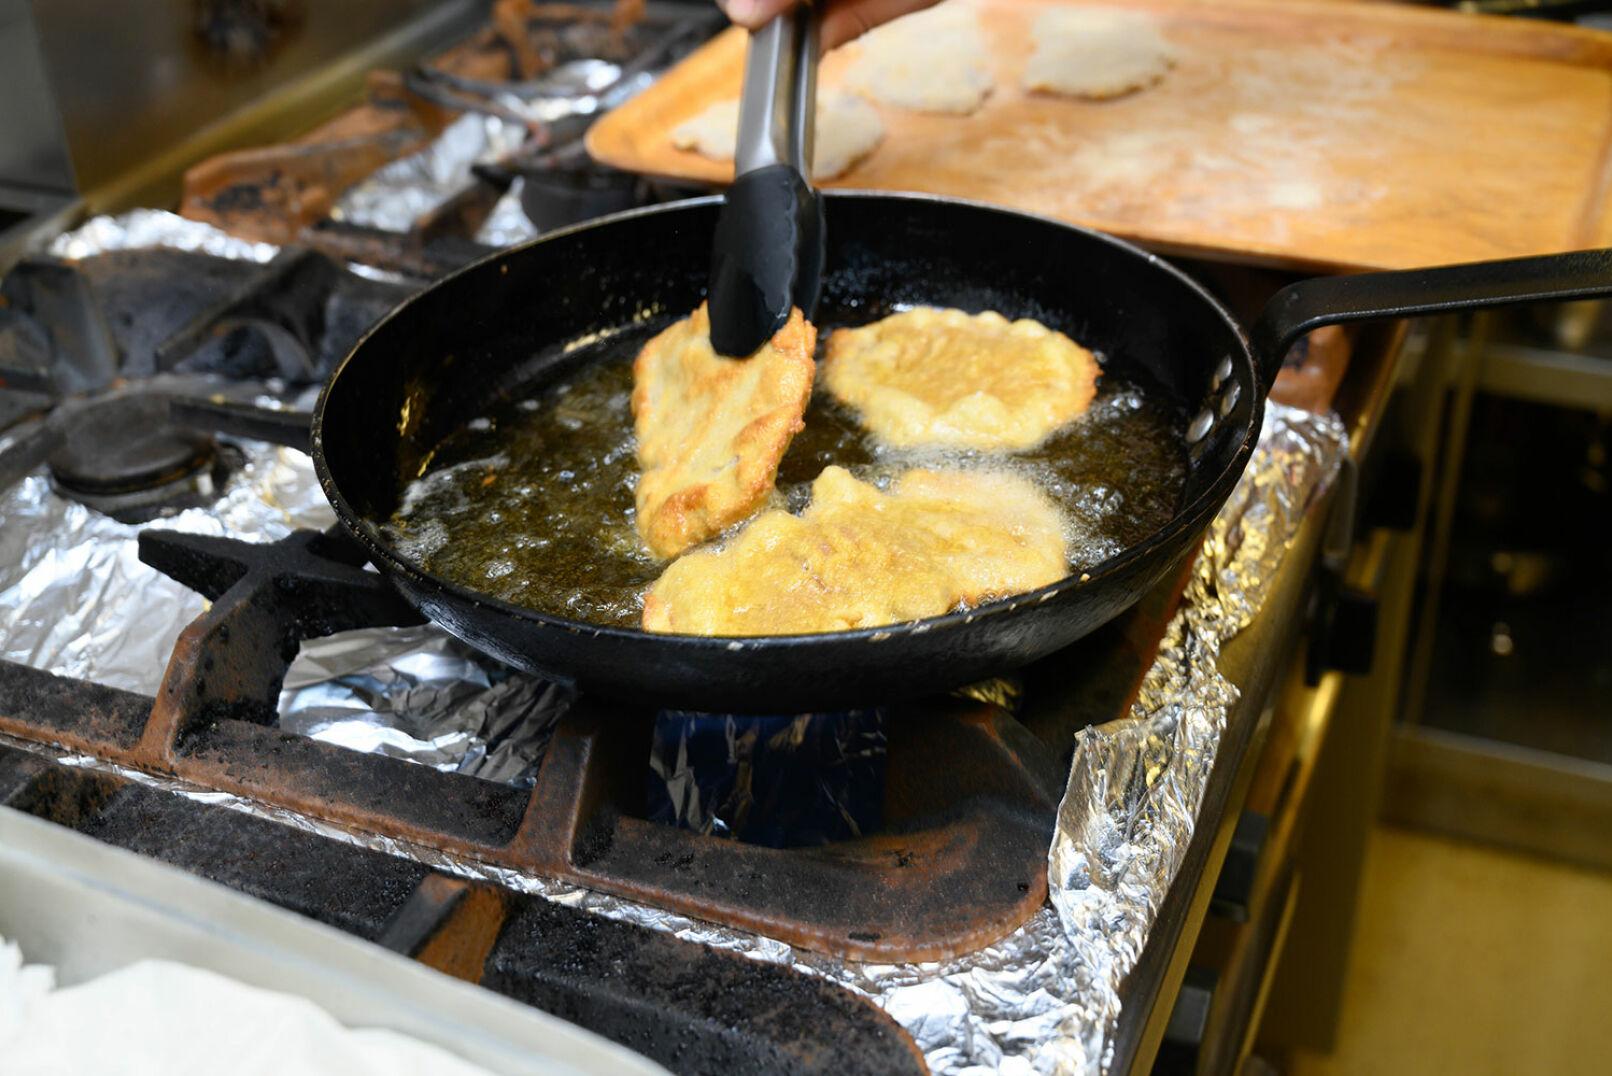 Danach die Schnitzel in Butterschmalz in der Pfanne ausbacken. - © Barbara Marko